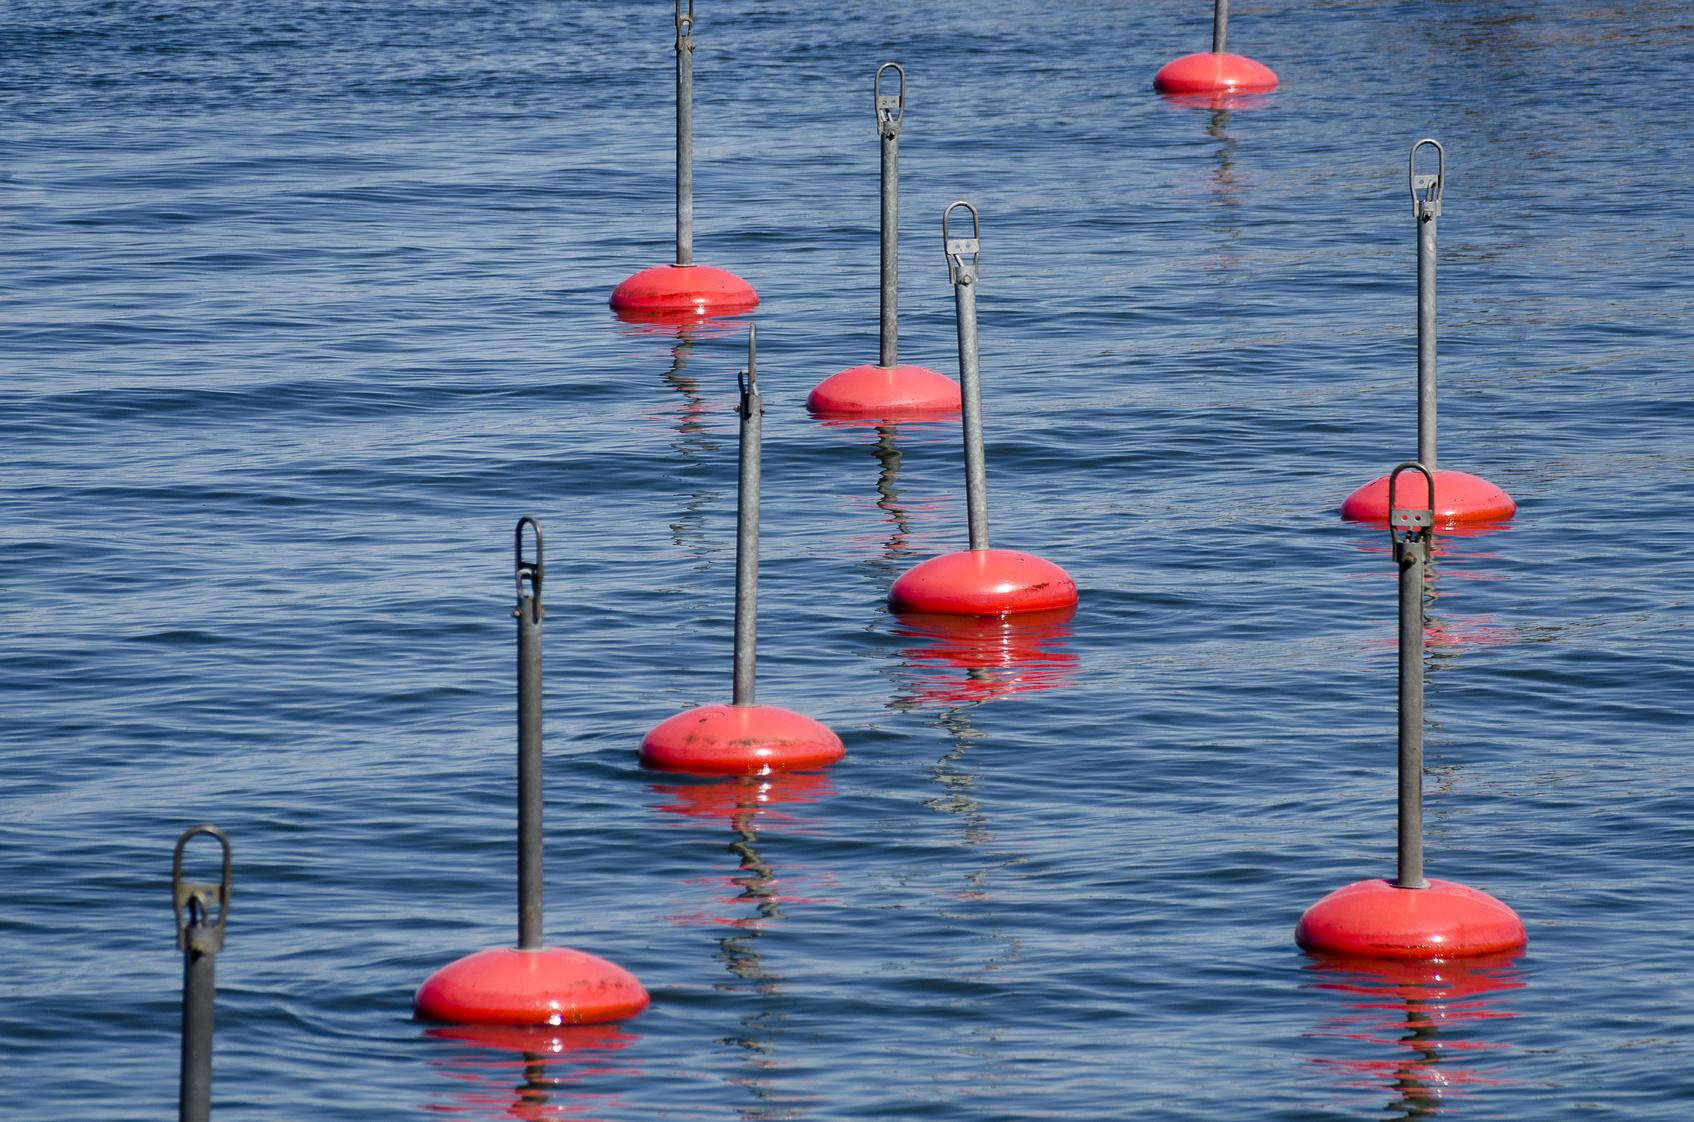 Bootsanleger mit roten Bojen schwimmen  auf blauem Wasser am Roxen, Schweden; boat mooring with red berthing buoys swimming on blue water at the lake Roxen, Sweden